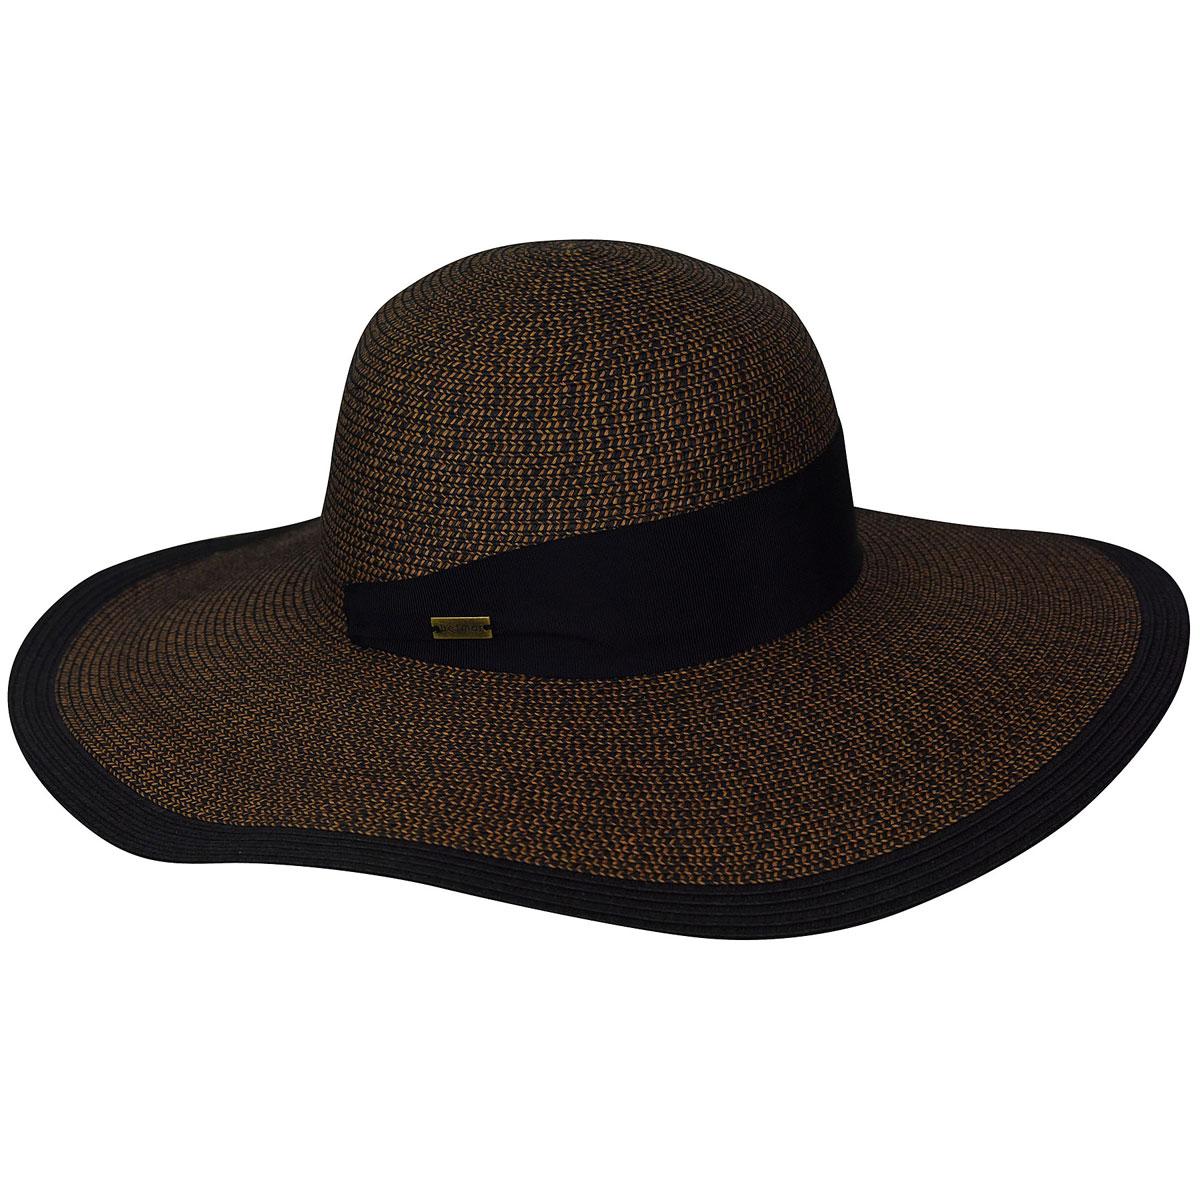 Betmar Barret Braided Floppy Hat in Black,Brown